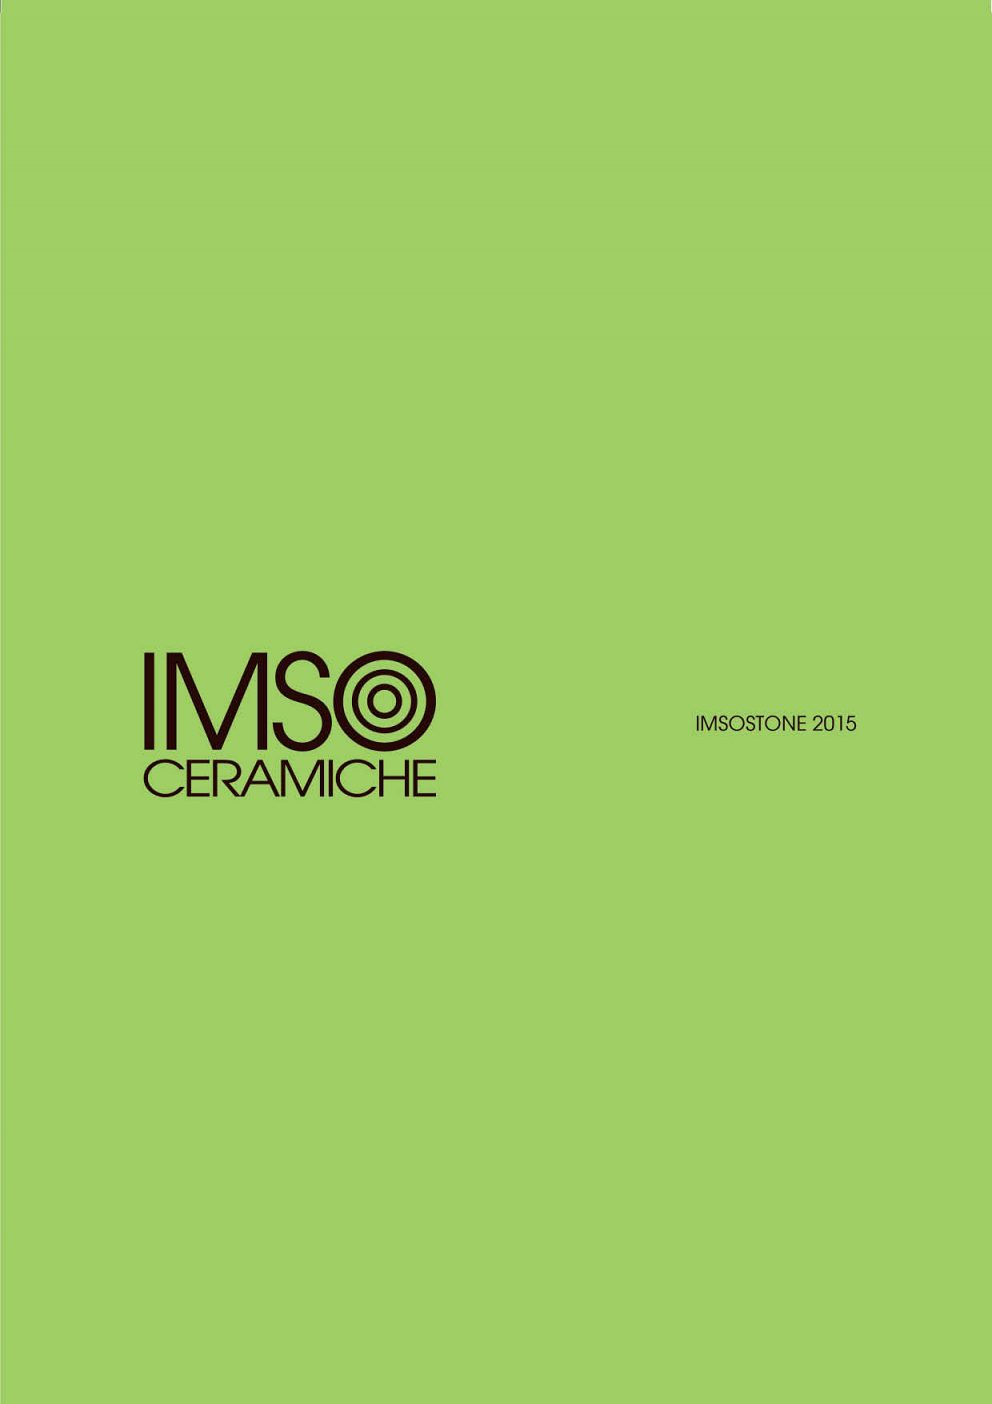 Imso - Generálny katalóg 2015